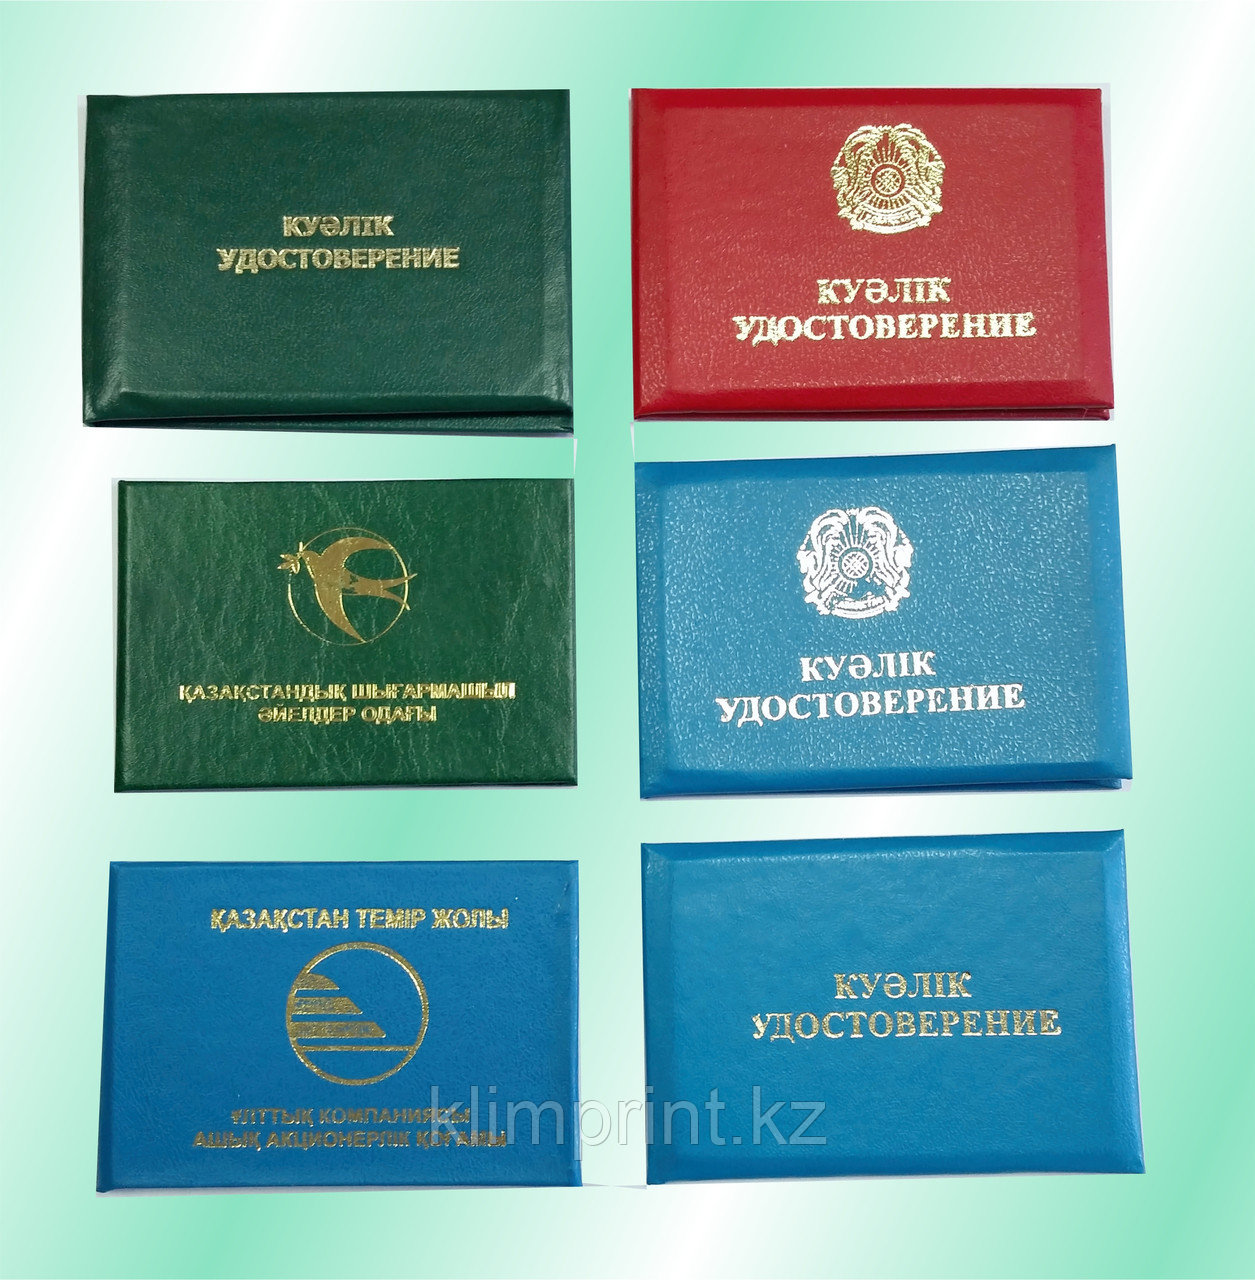 Служебные удостоверения в Алматы+в наличие в Алматы